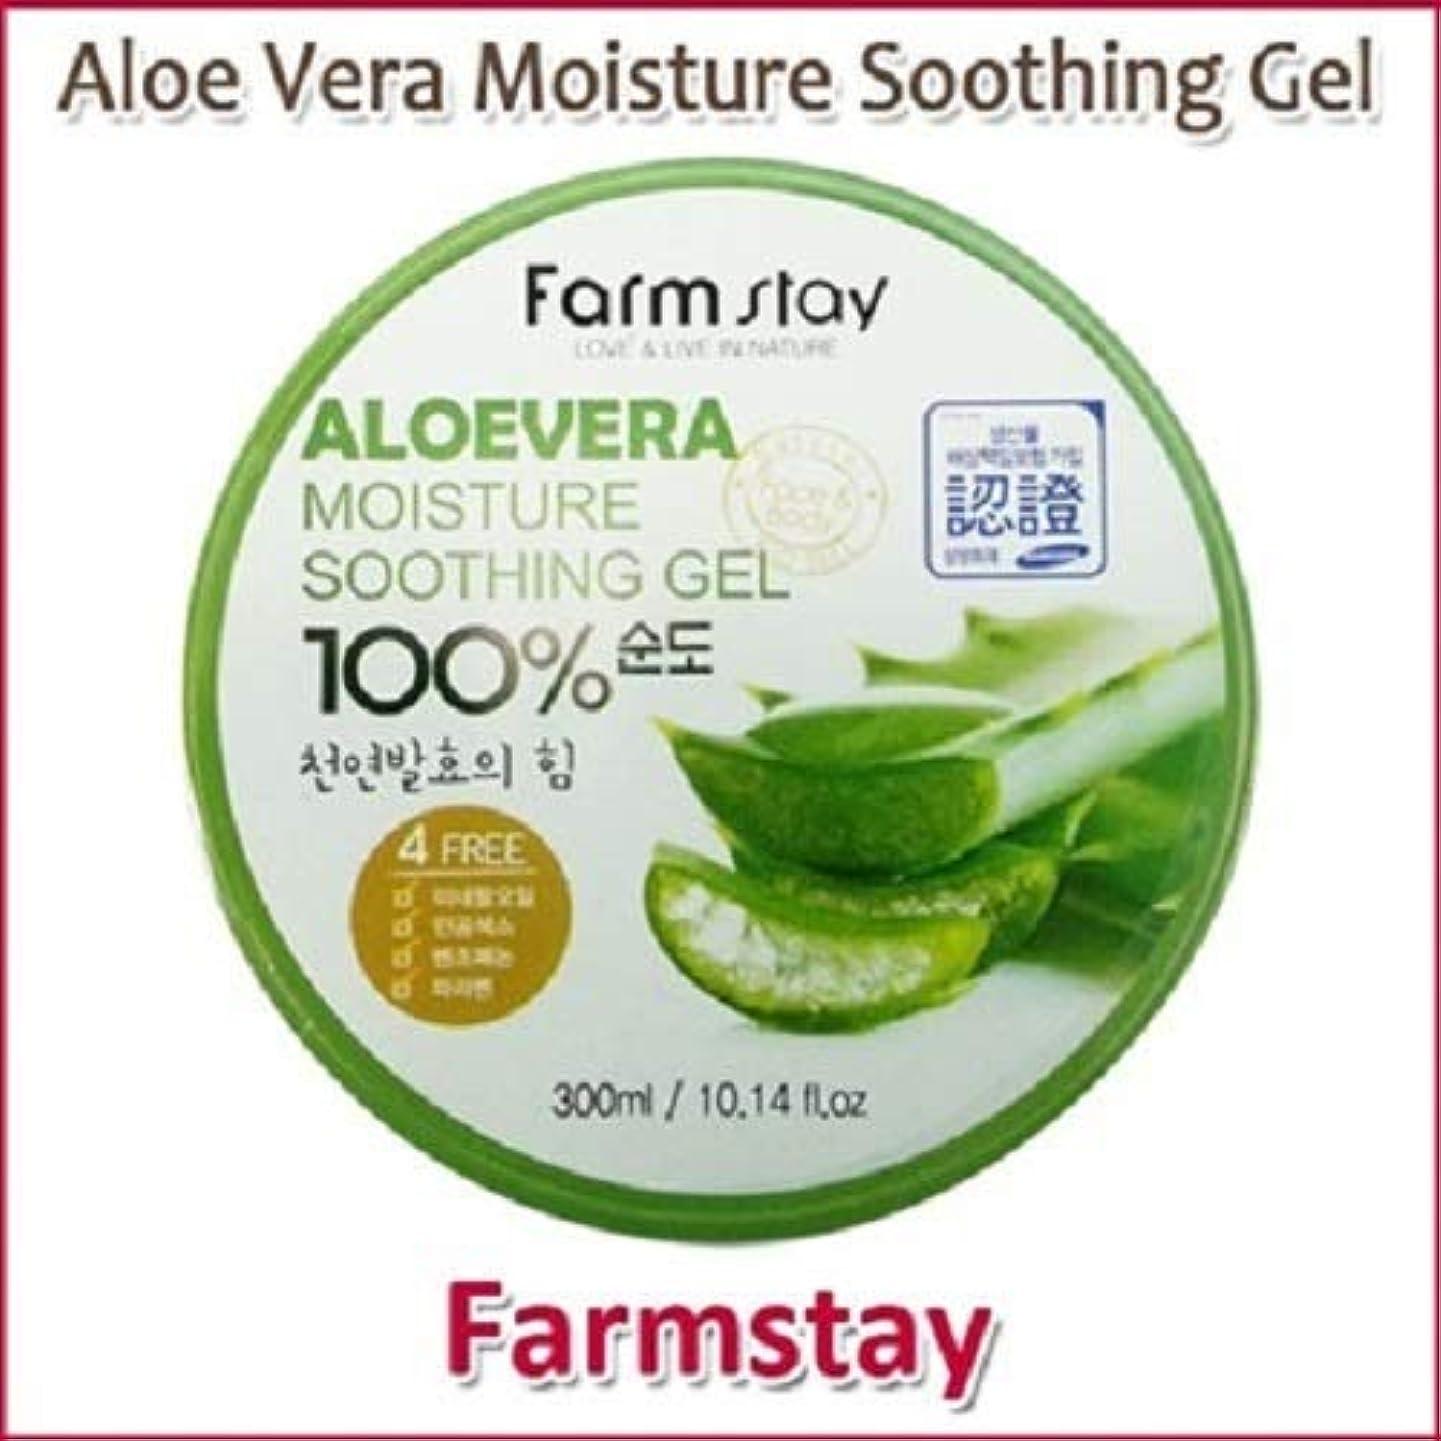 シビック最高未払いFarm Stay Aloe Vera Moisture Soothing Gel 300ml /オーガニック アロエベラゲル 100%/保湿ケア/韓国コスメ/Aloe Vera 100% /Moisturizing [並行輸入品]